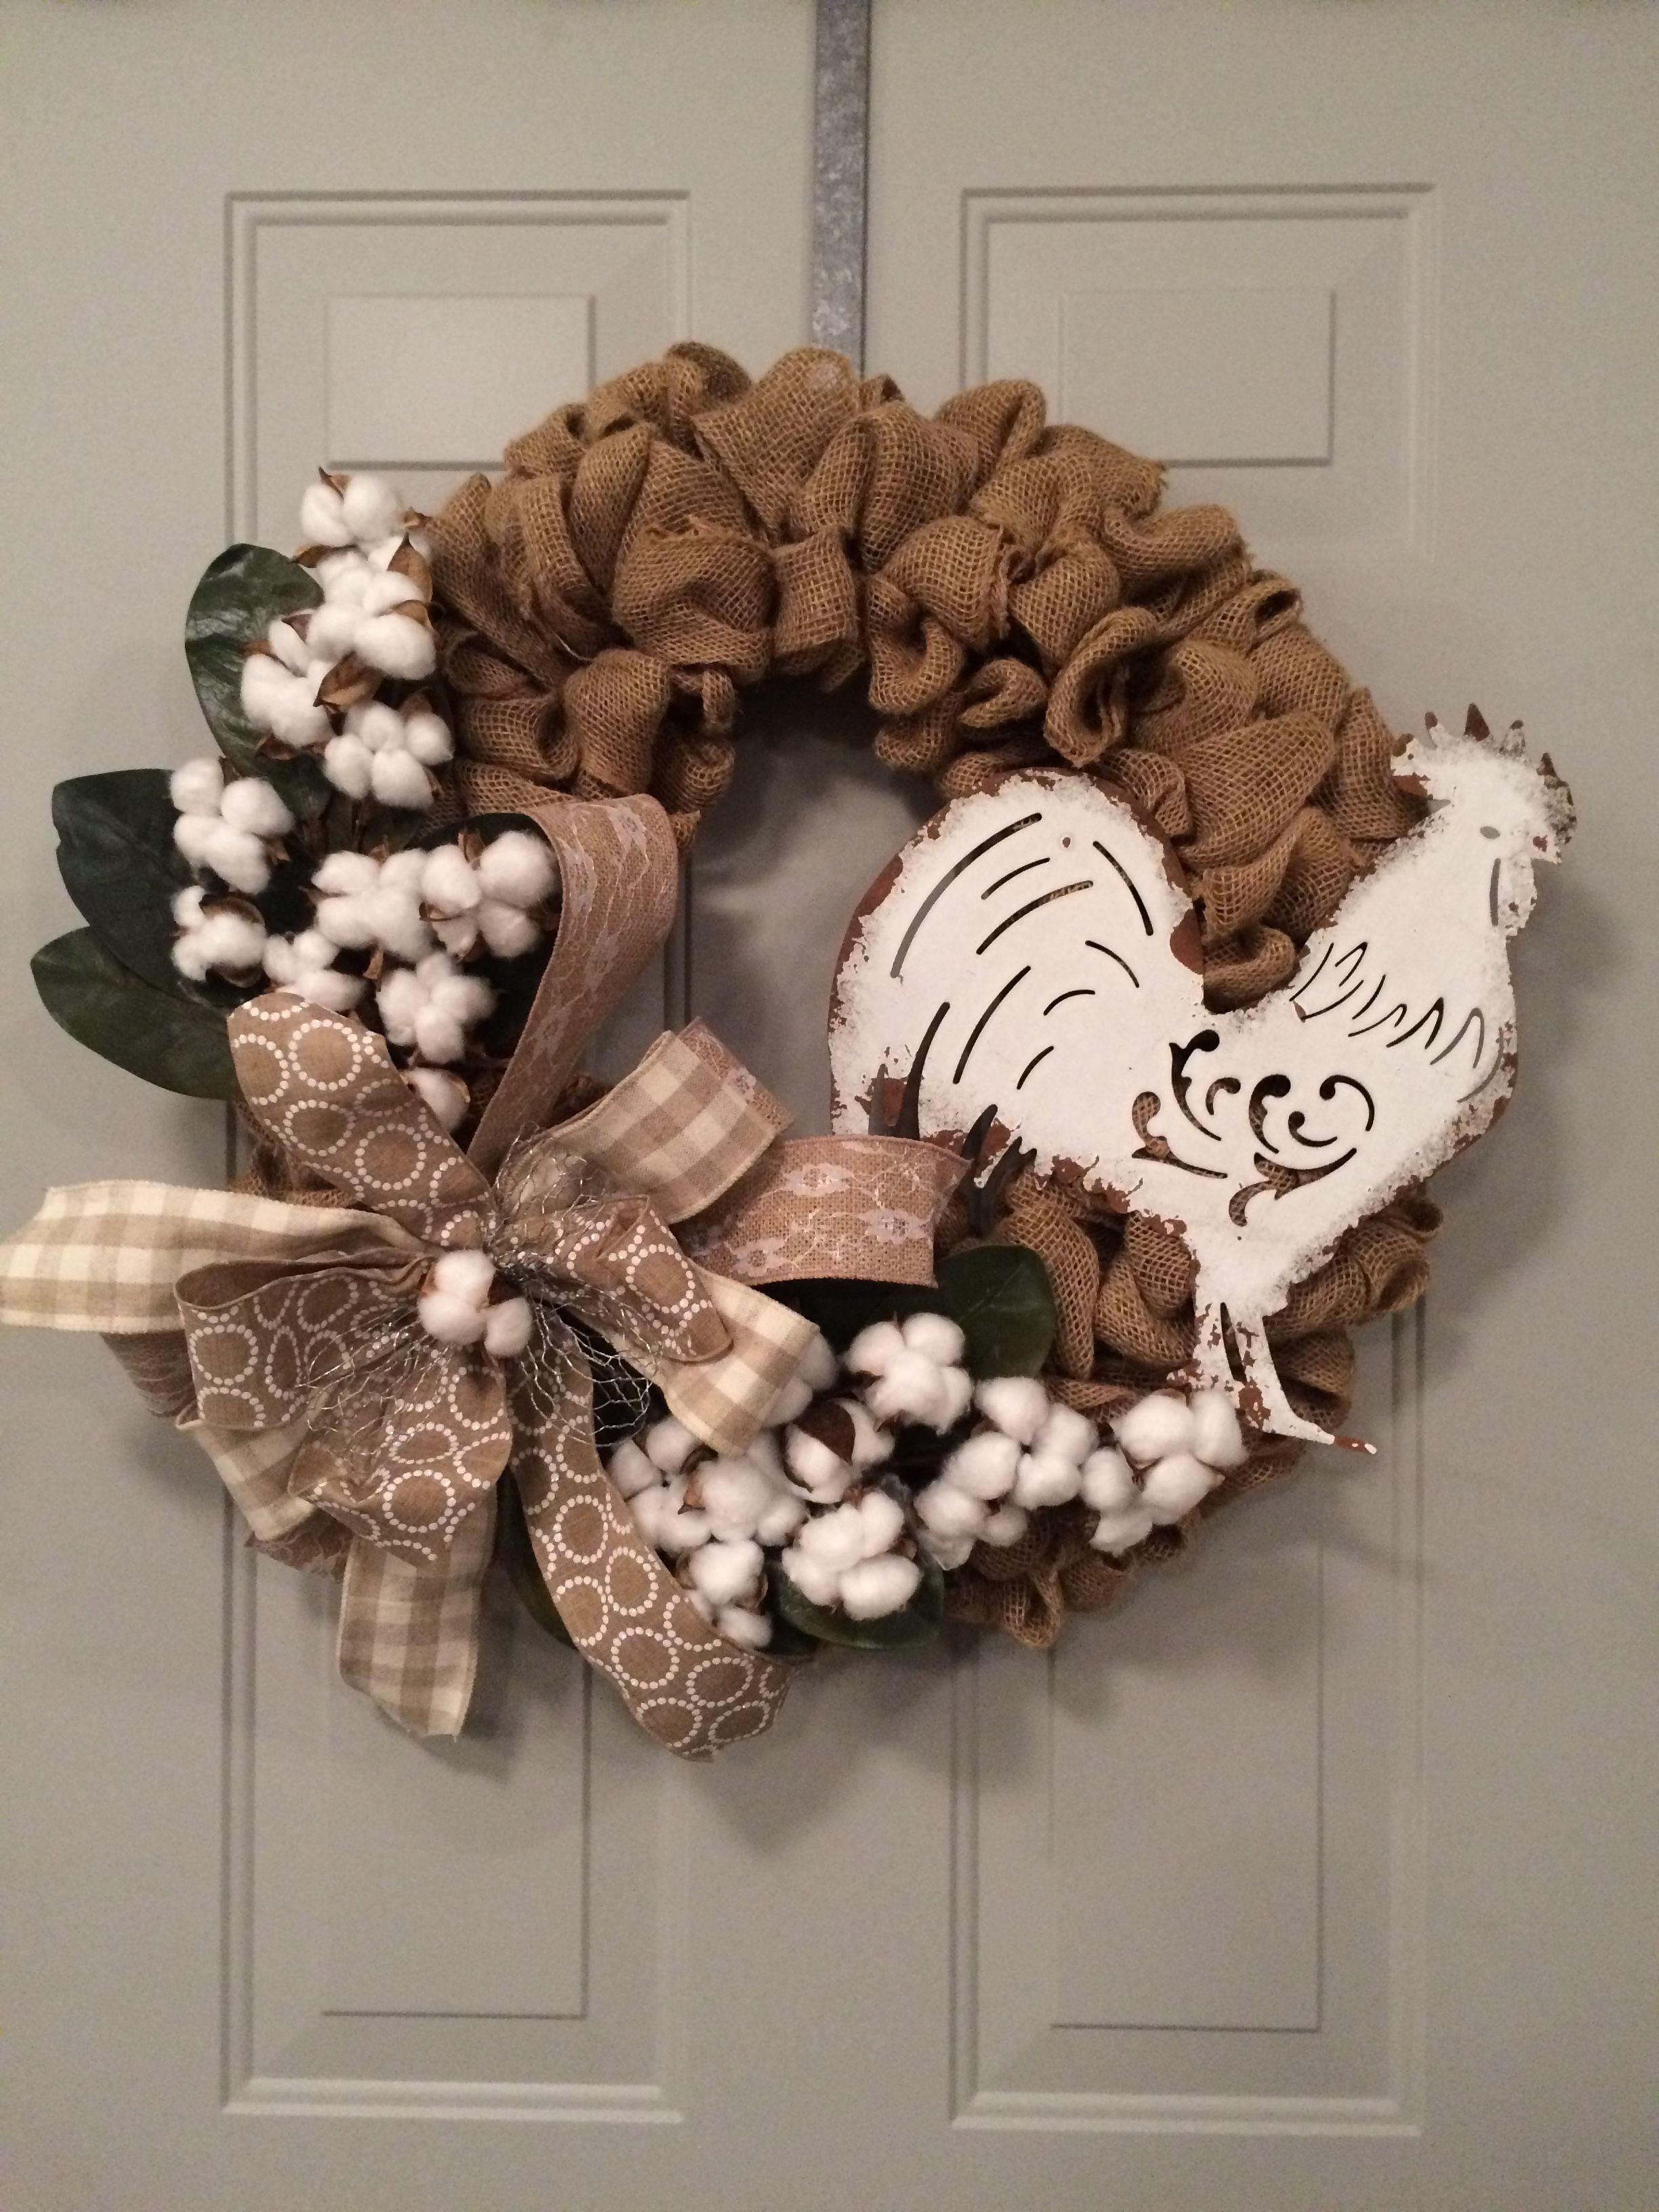 Plain Neutral Burlap Wreath gift Front Door Wreath Farmhouse Rustic Wreath Burlap Wreath Rustic Tan Burlap Wreath Door Wreath